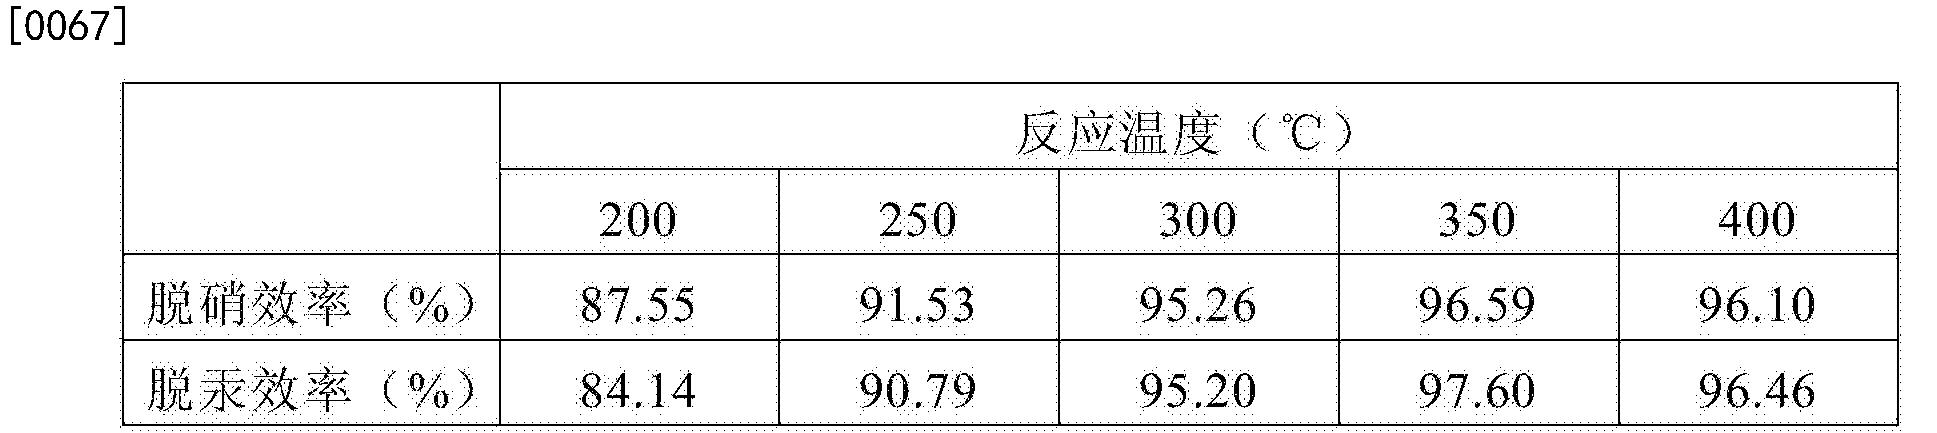 Figure CN104888806BD00072